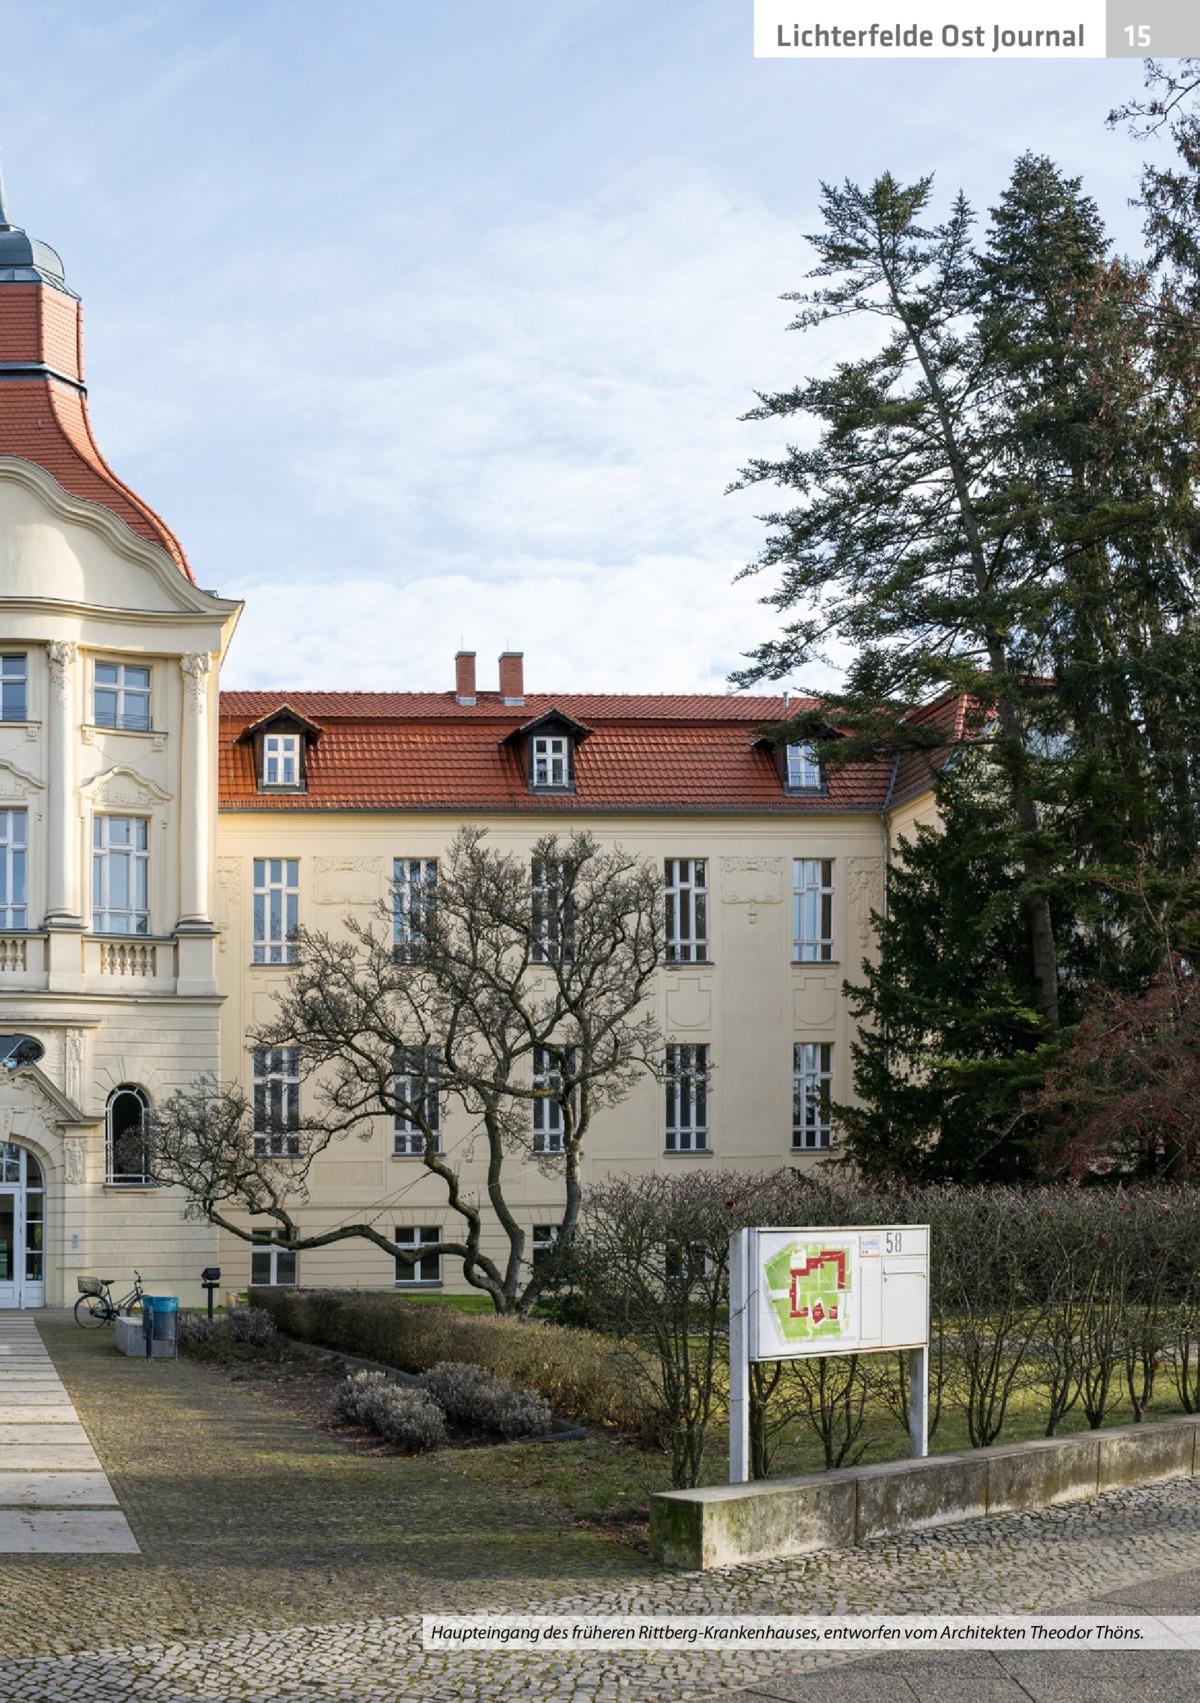 Lichterfelde Ost Journal  15 15  Haupteingang des früheren Rittberg-Krankenhauses, entworfen vom Architekten Theodor Thöns.